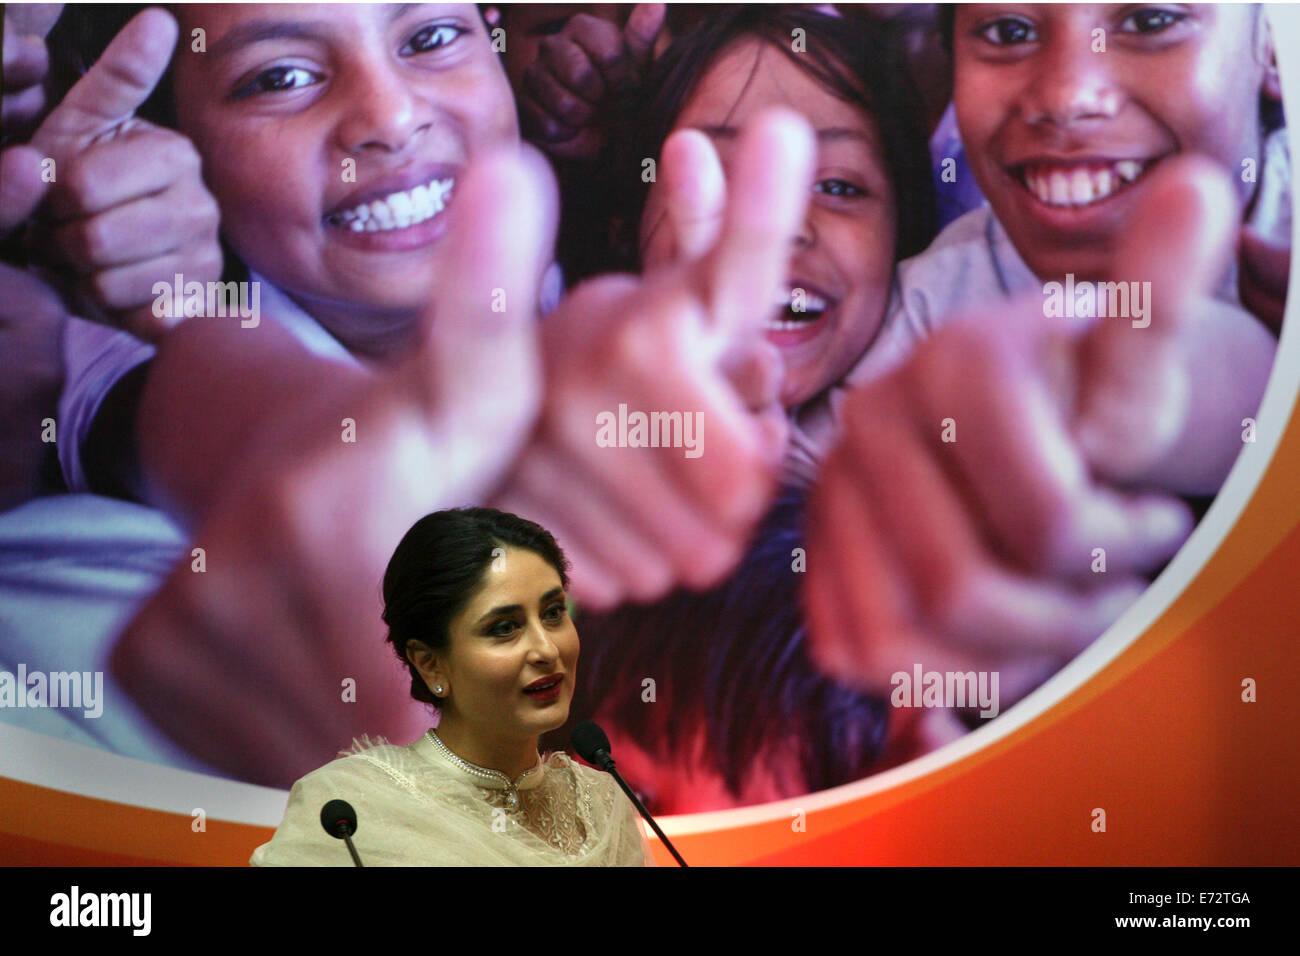 Increíble 3 Idiotas Kareena Kapoor Traje De Boda Ilustración - Ideas ...